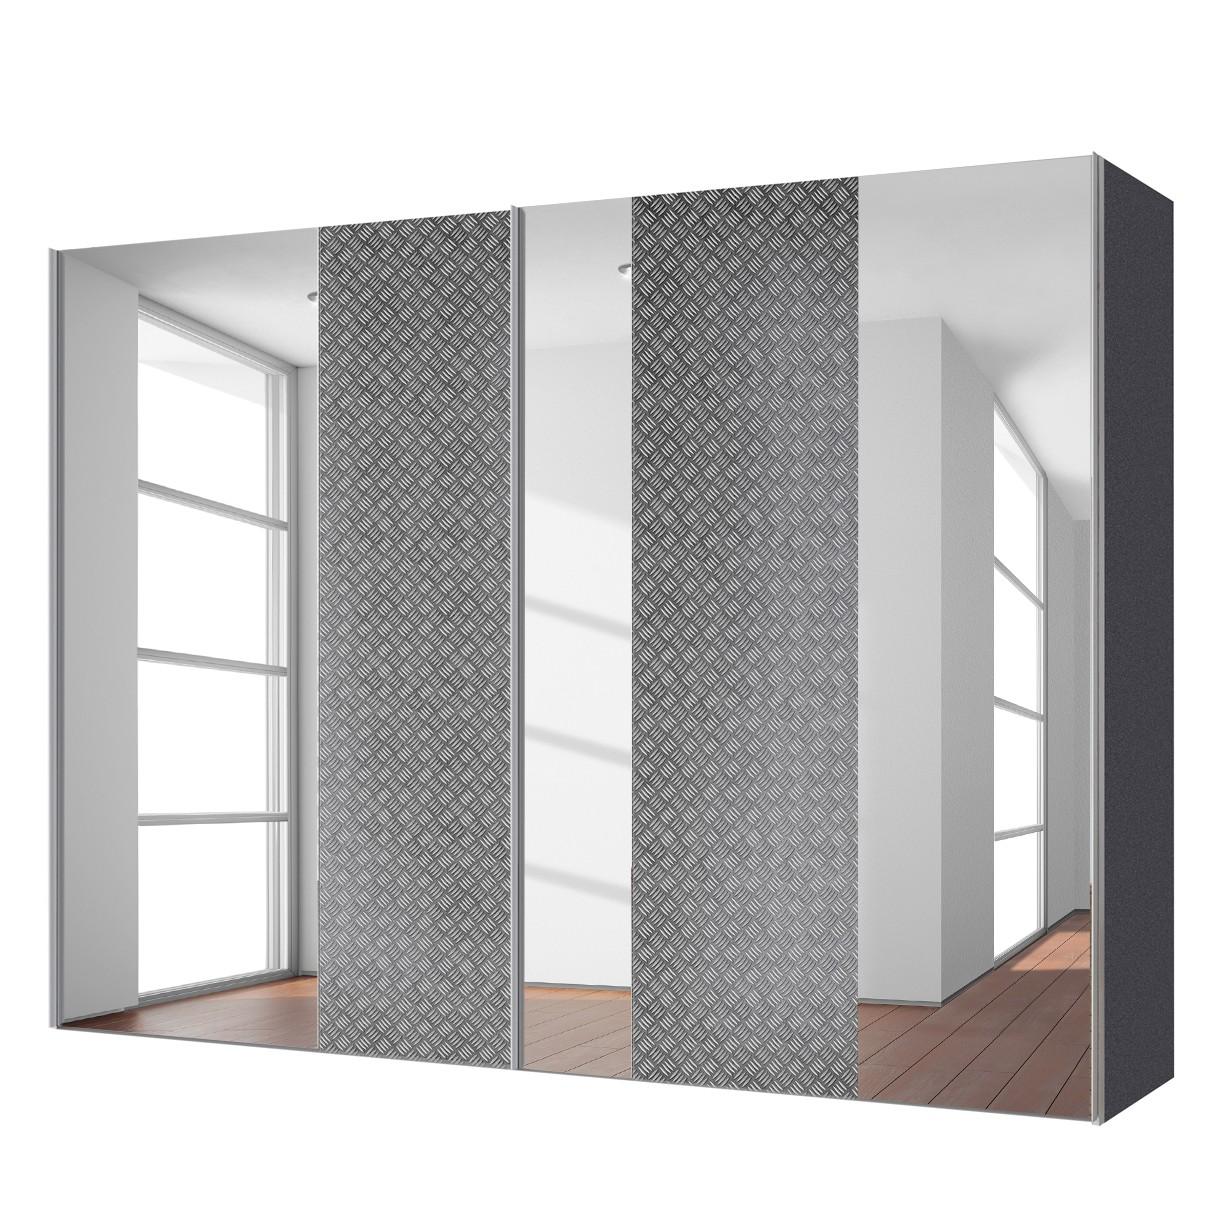 aa1691 Zweefdeurkast Cando Grijs Spiegelglas 300cm 2 deurs Express Mobel